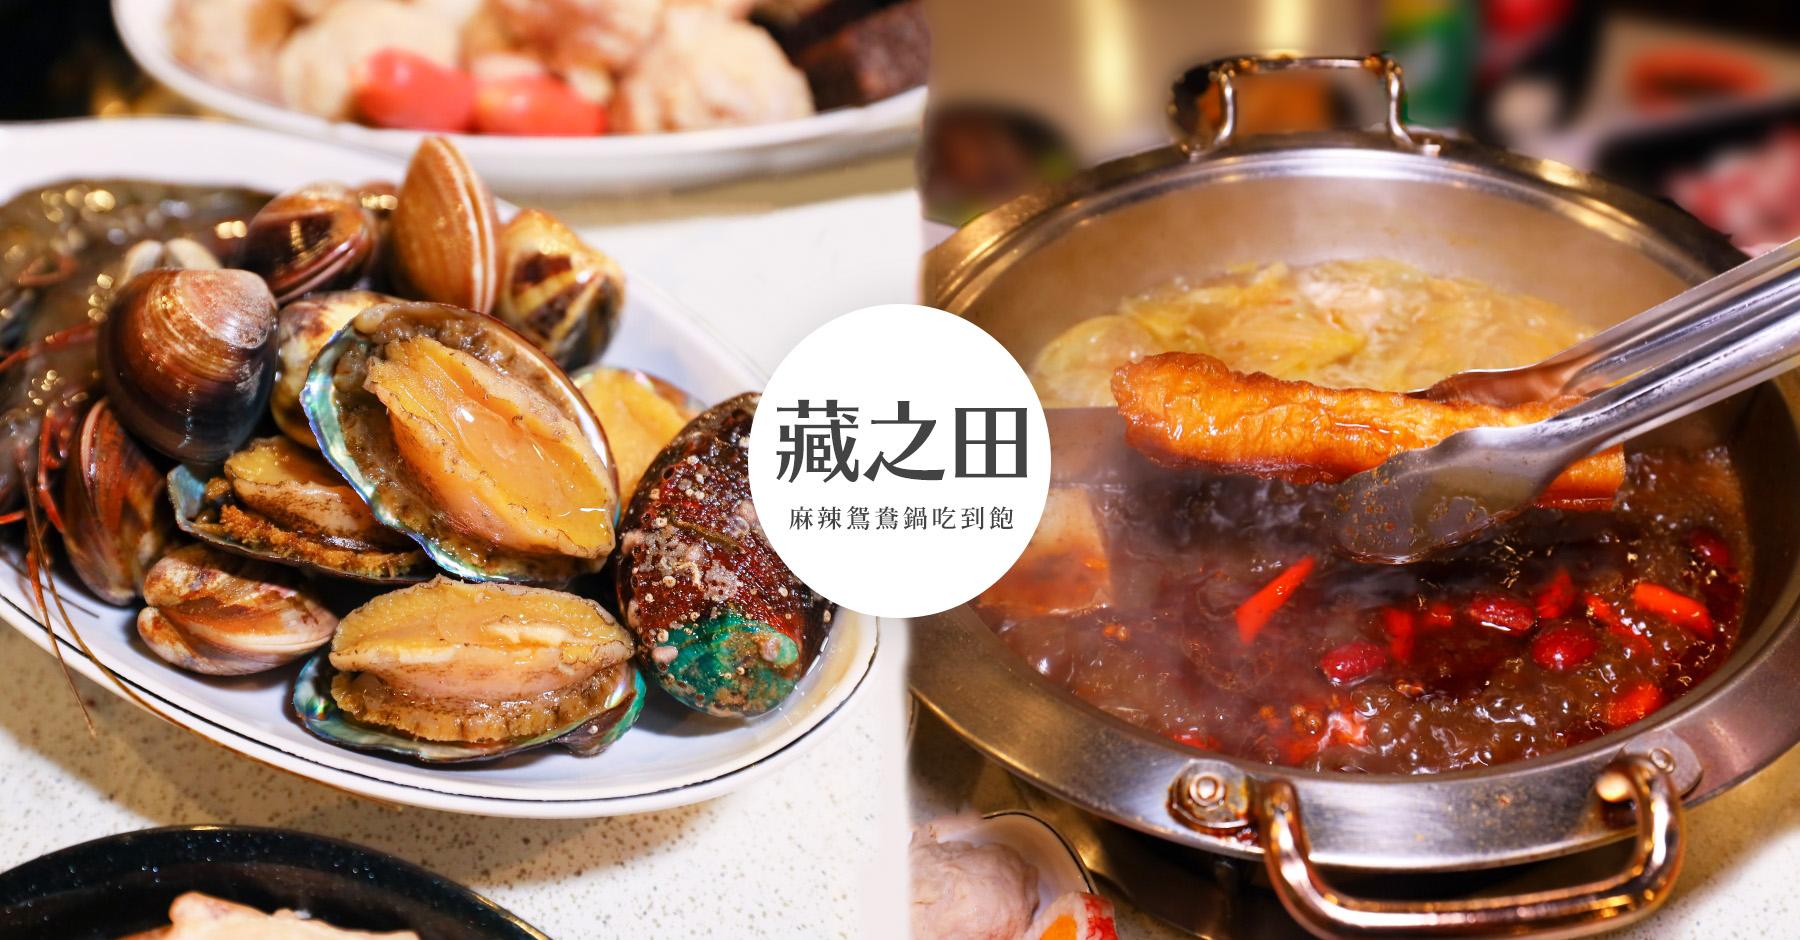 羅東吃到飽火鍋推薦|宜蘭藏之田麻辣鍋自助式吃到飽|台啤喝到飽鮑魚和虎斑蝦